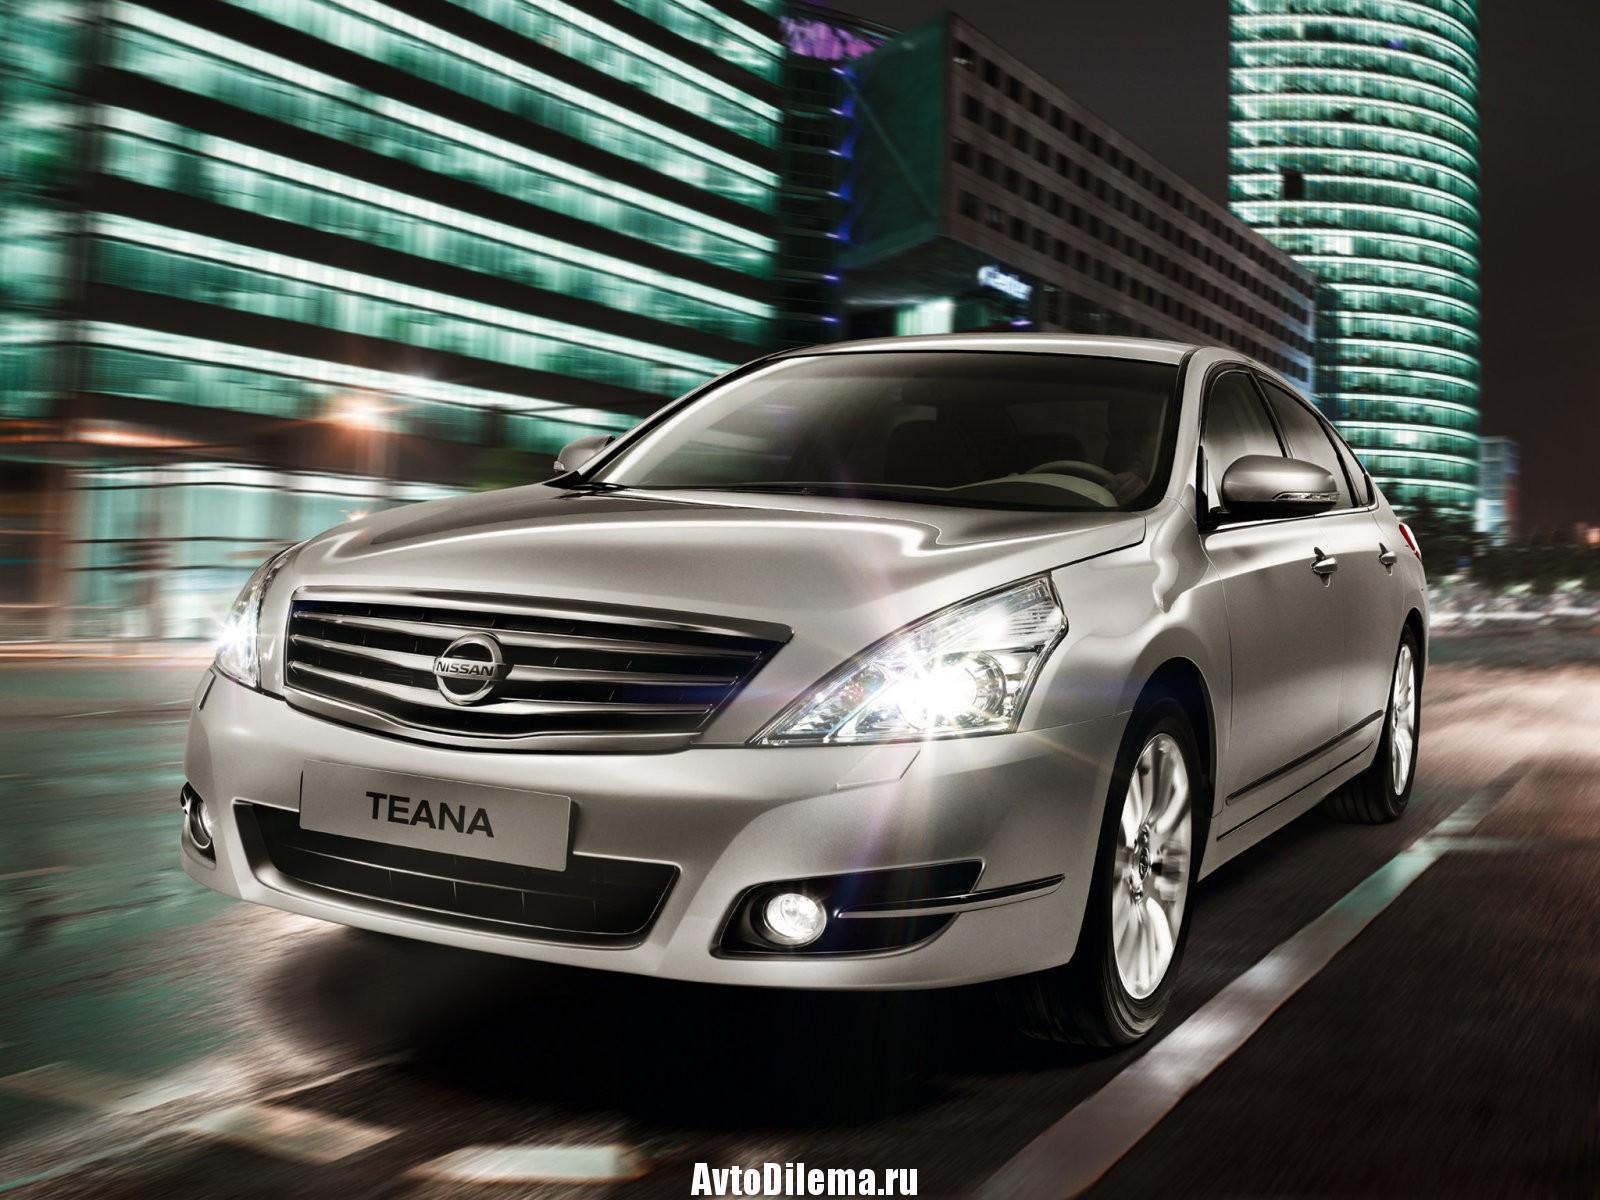 Какие болячки у Nissan Teana 2 ?